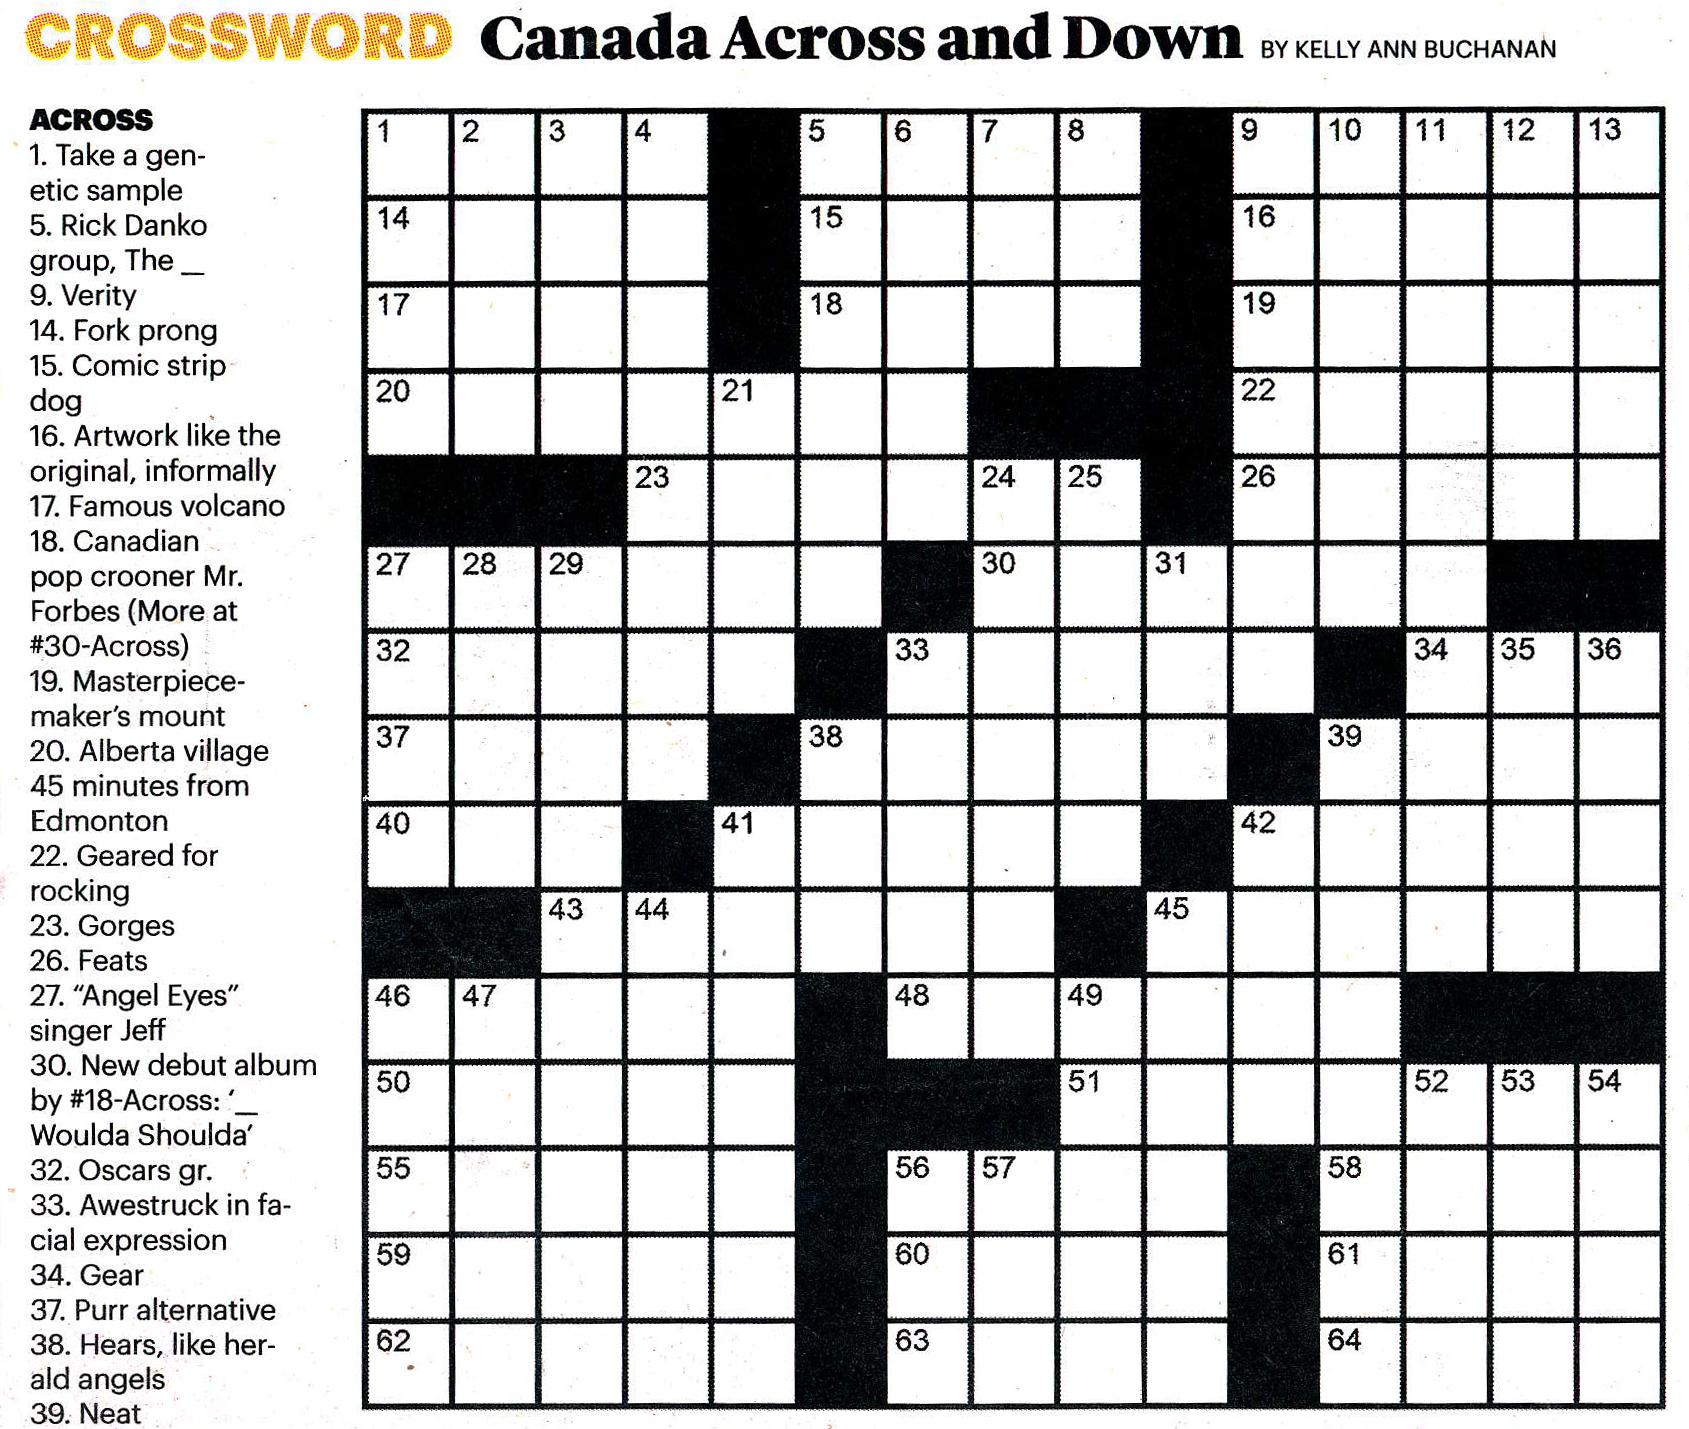 CrosswordCropMetroNews.jpg